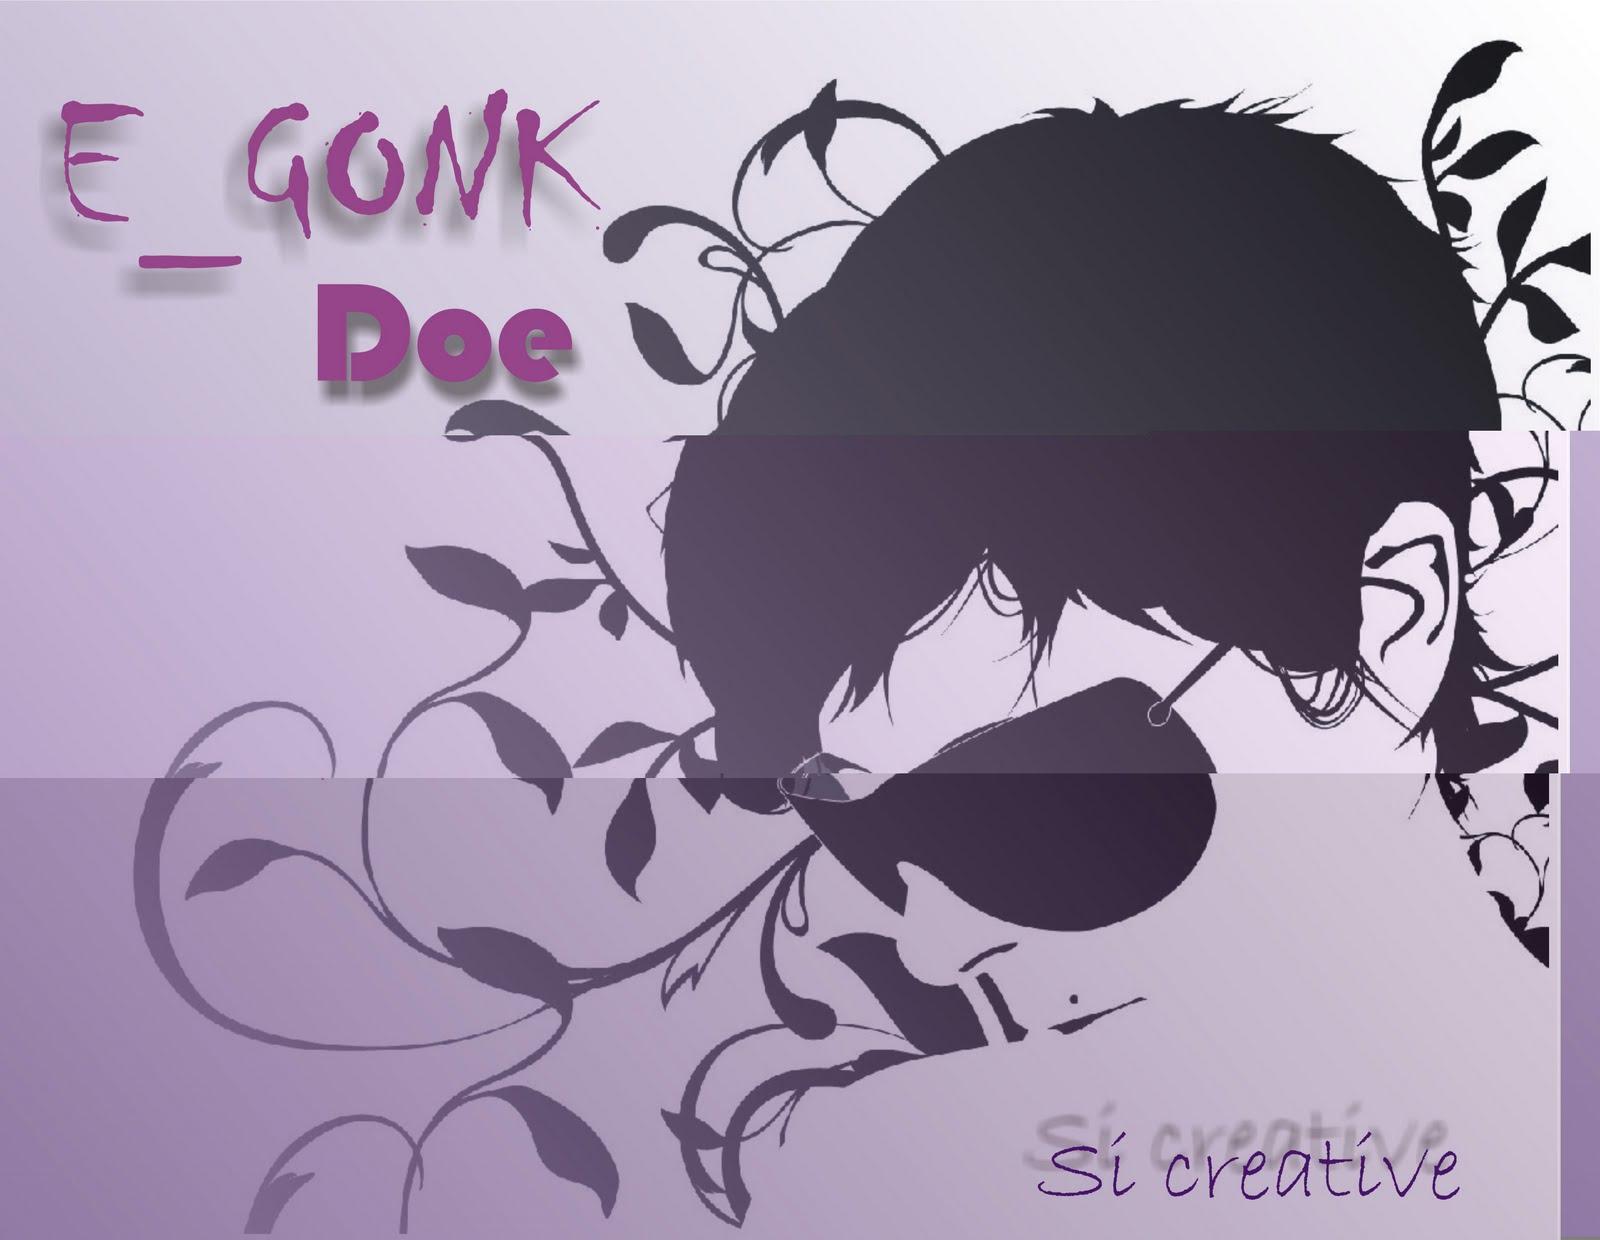 e_gonk@